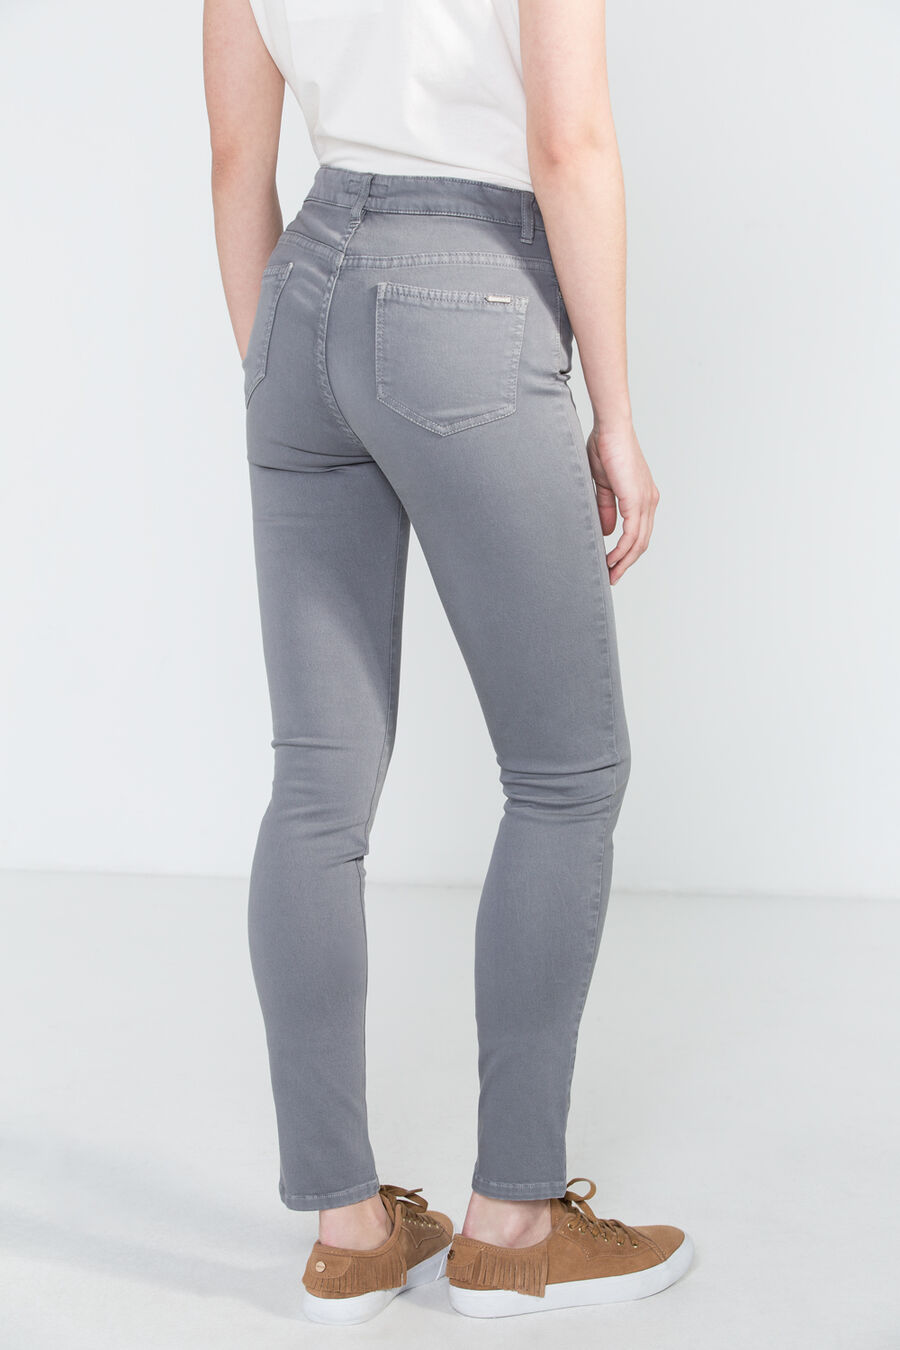 Sensational fit denim trousers